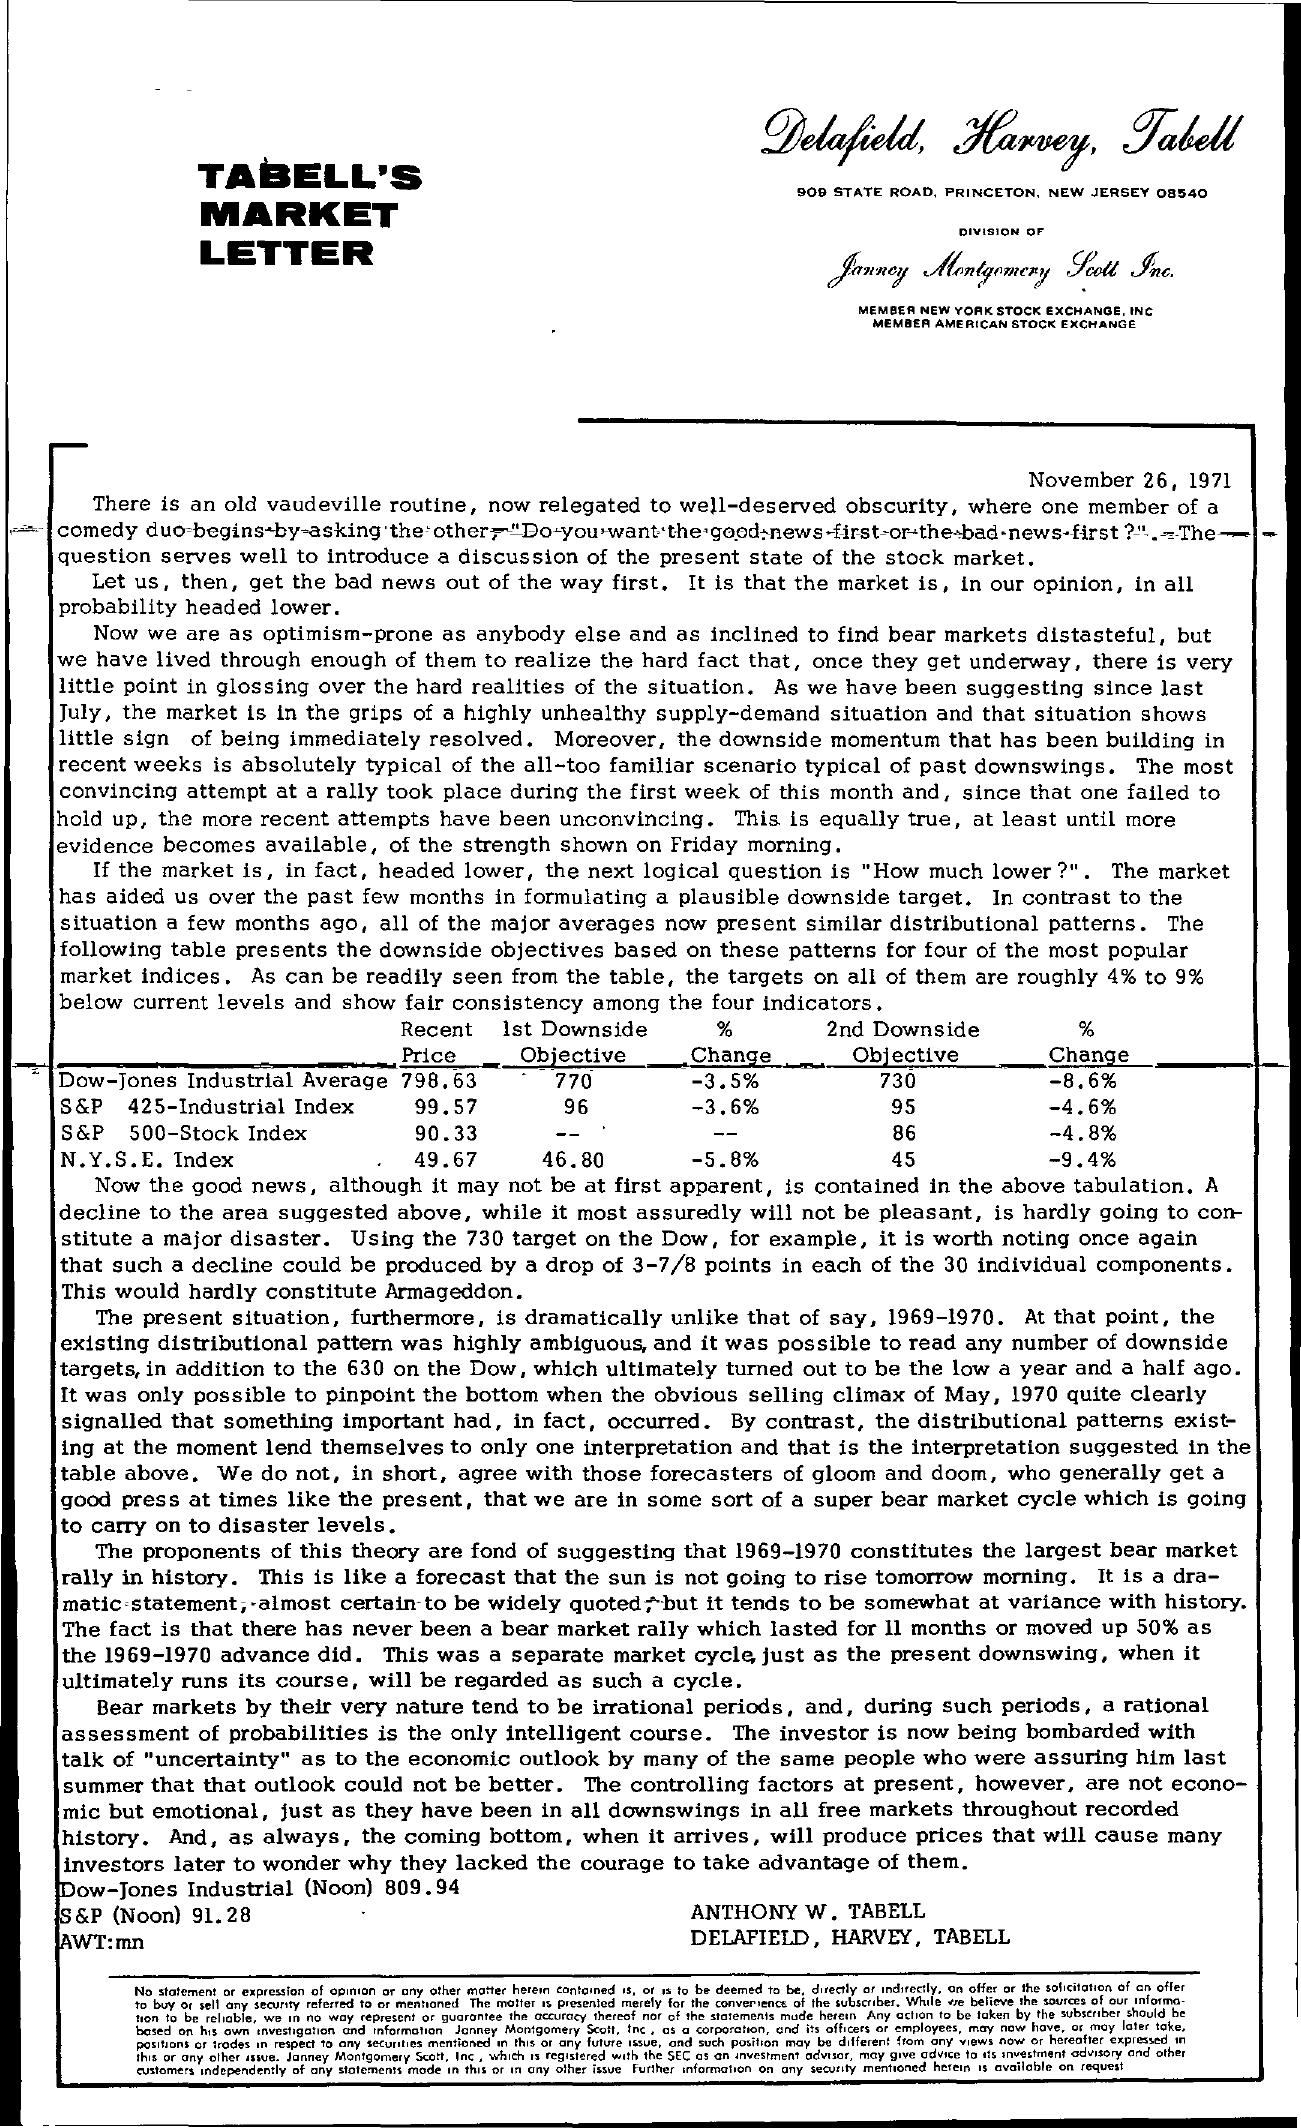 Tabell's Market Letter - November 26, 1971